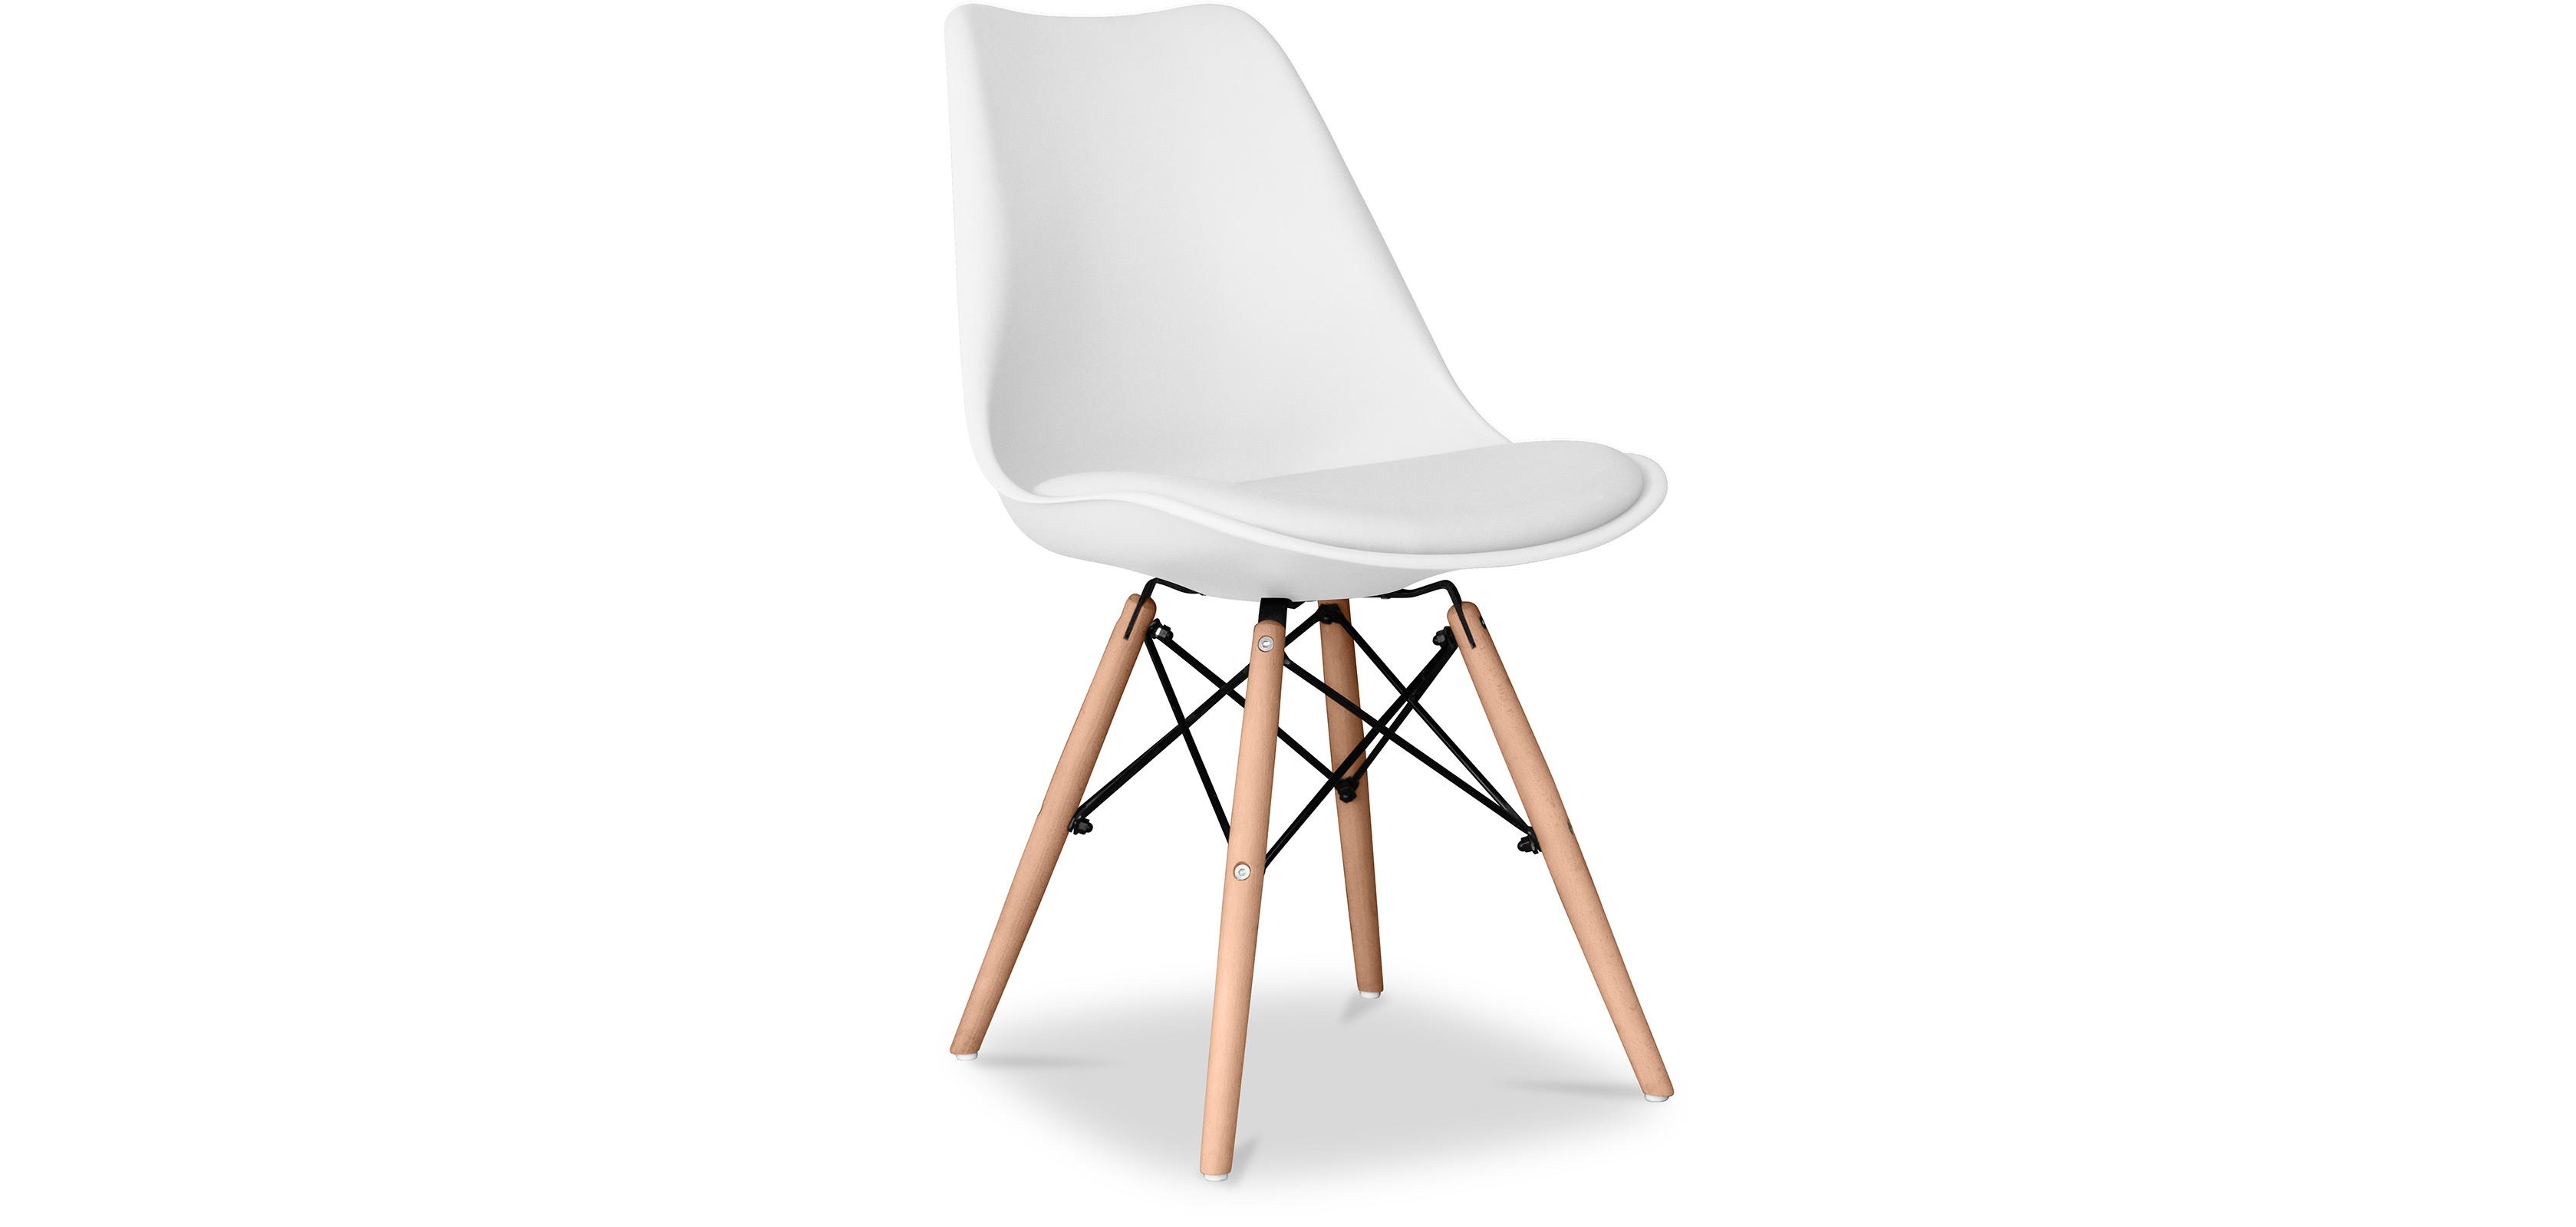 dsw stuhl mit kissen. Black Bedroom Furniture Sets. Home Design Ideas